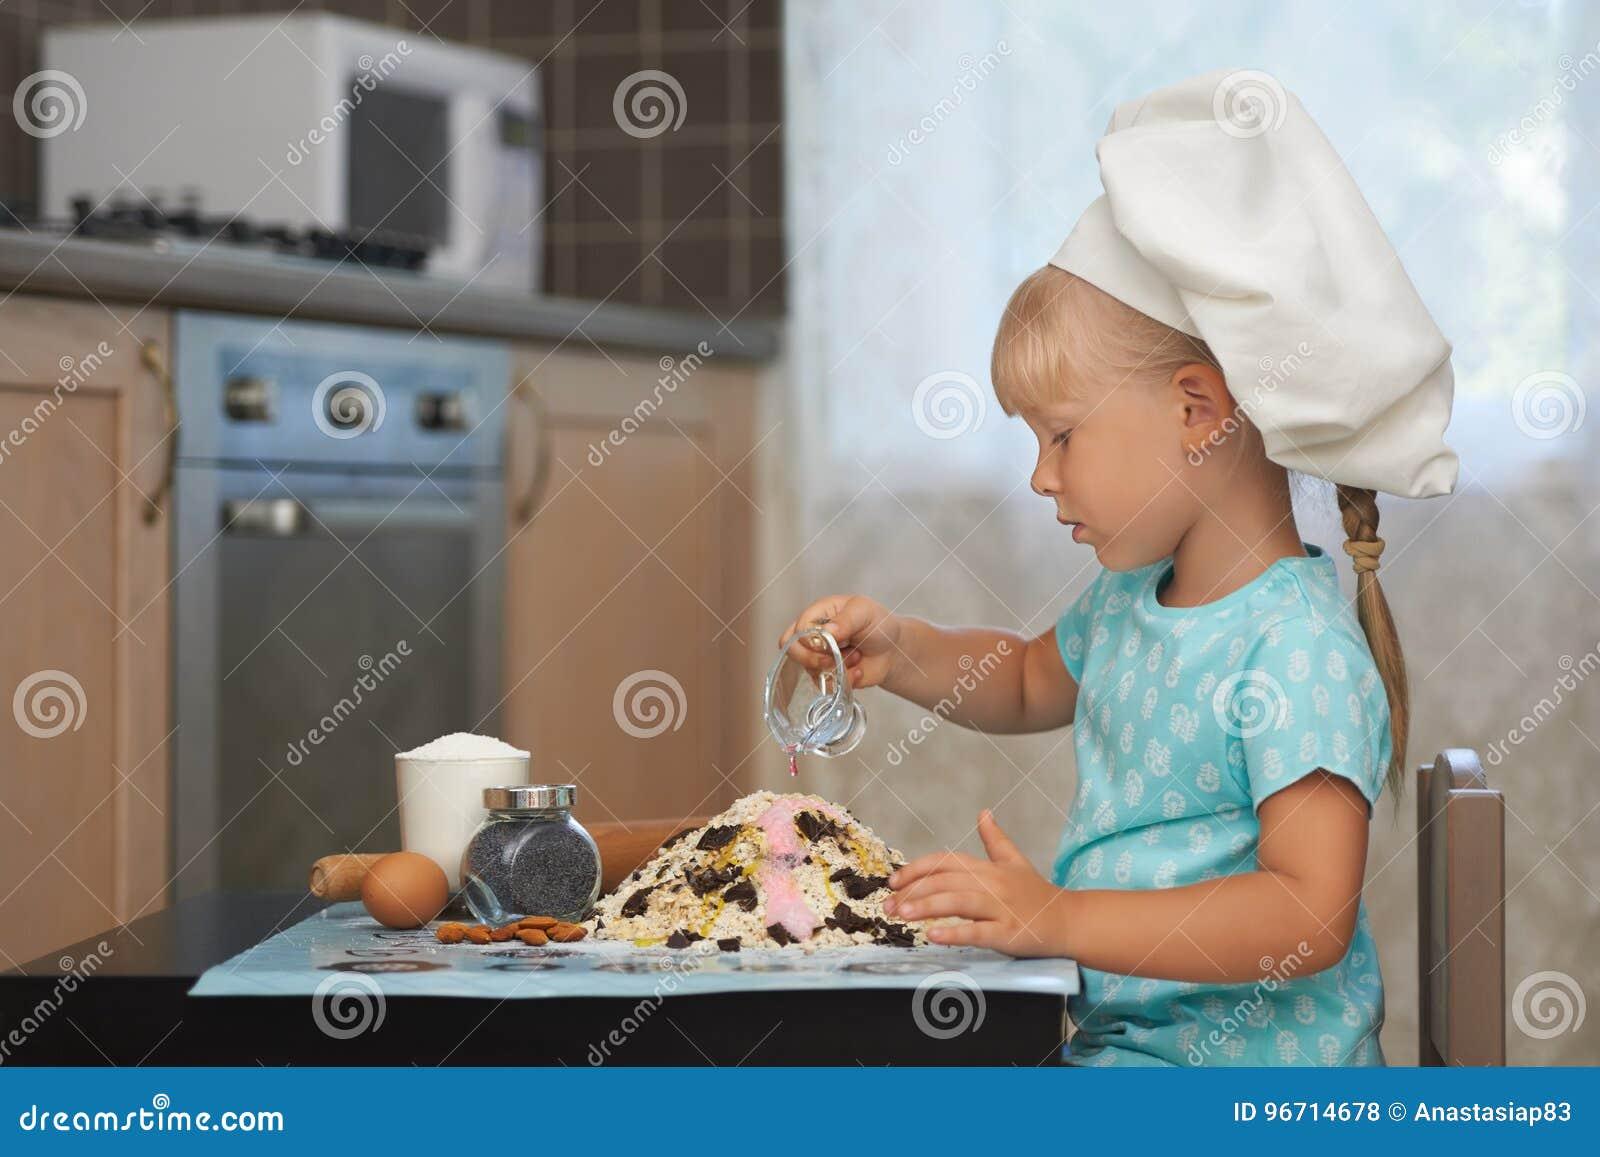 Little girl making dough in a shape of volcanoe